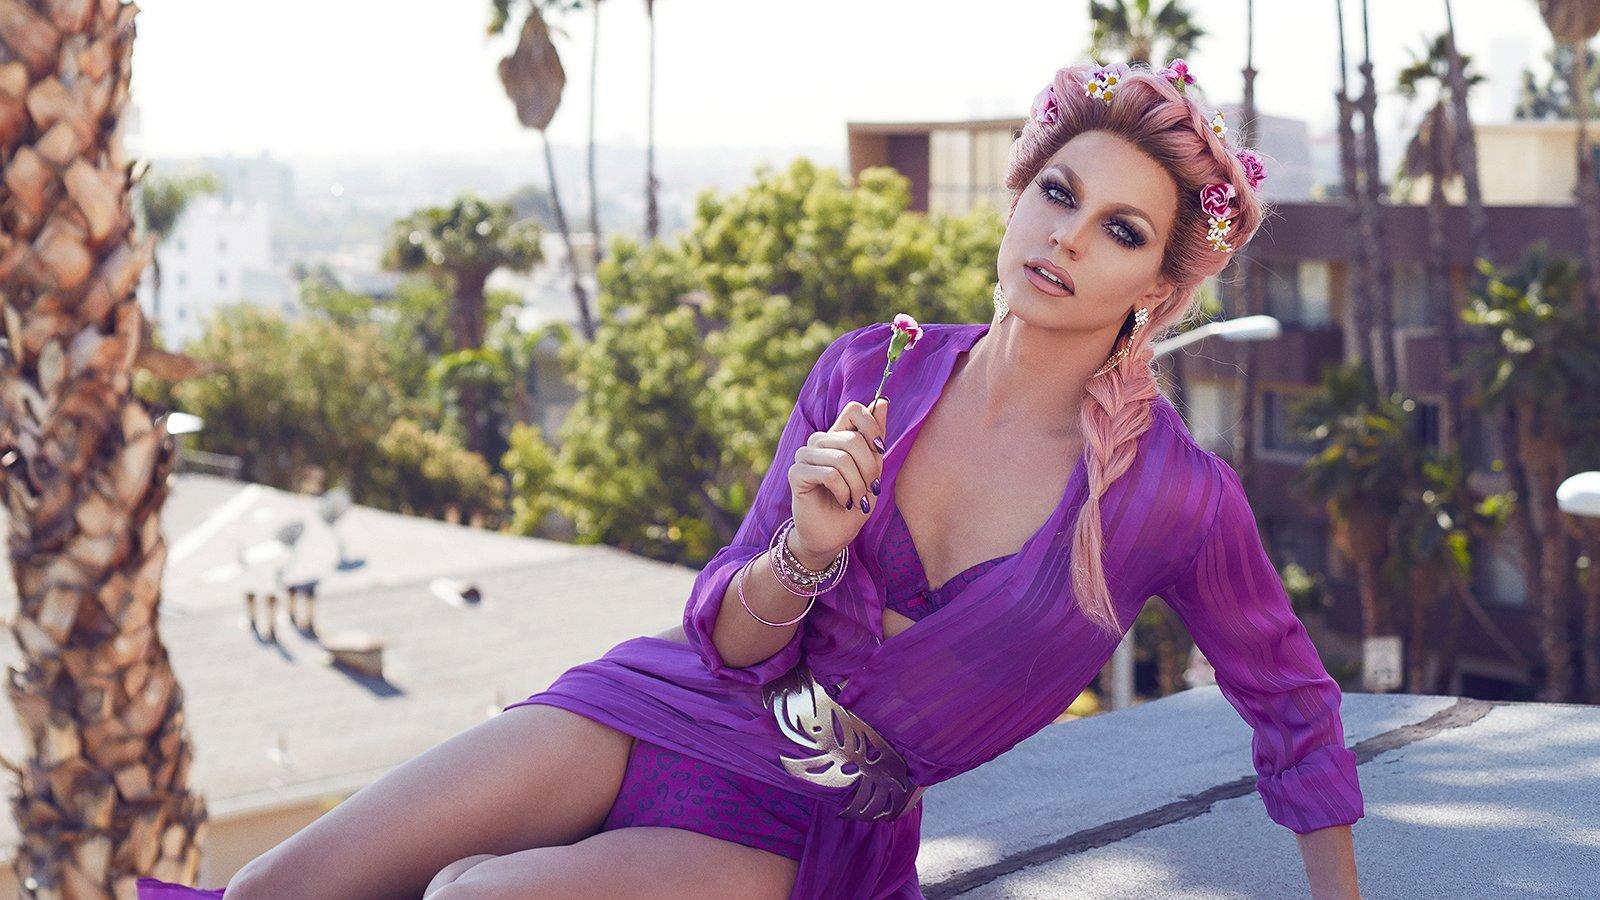 Courtney Act: 'Ik vlieg momenteel de wereld over om met fans te daten, hoe geweldig is dat?!'